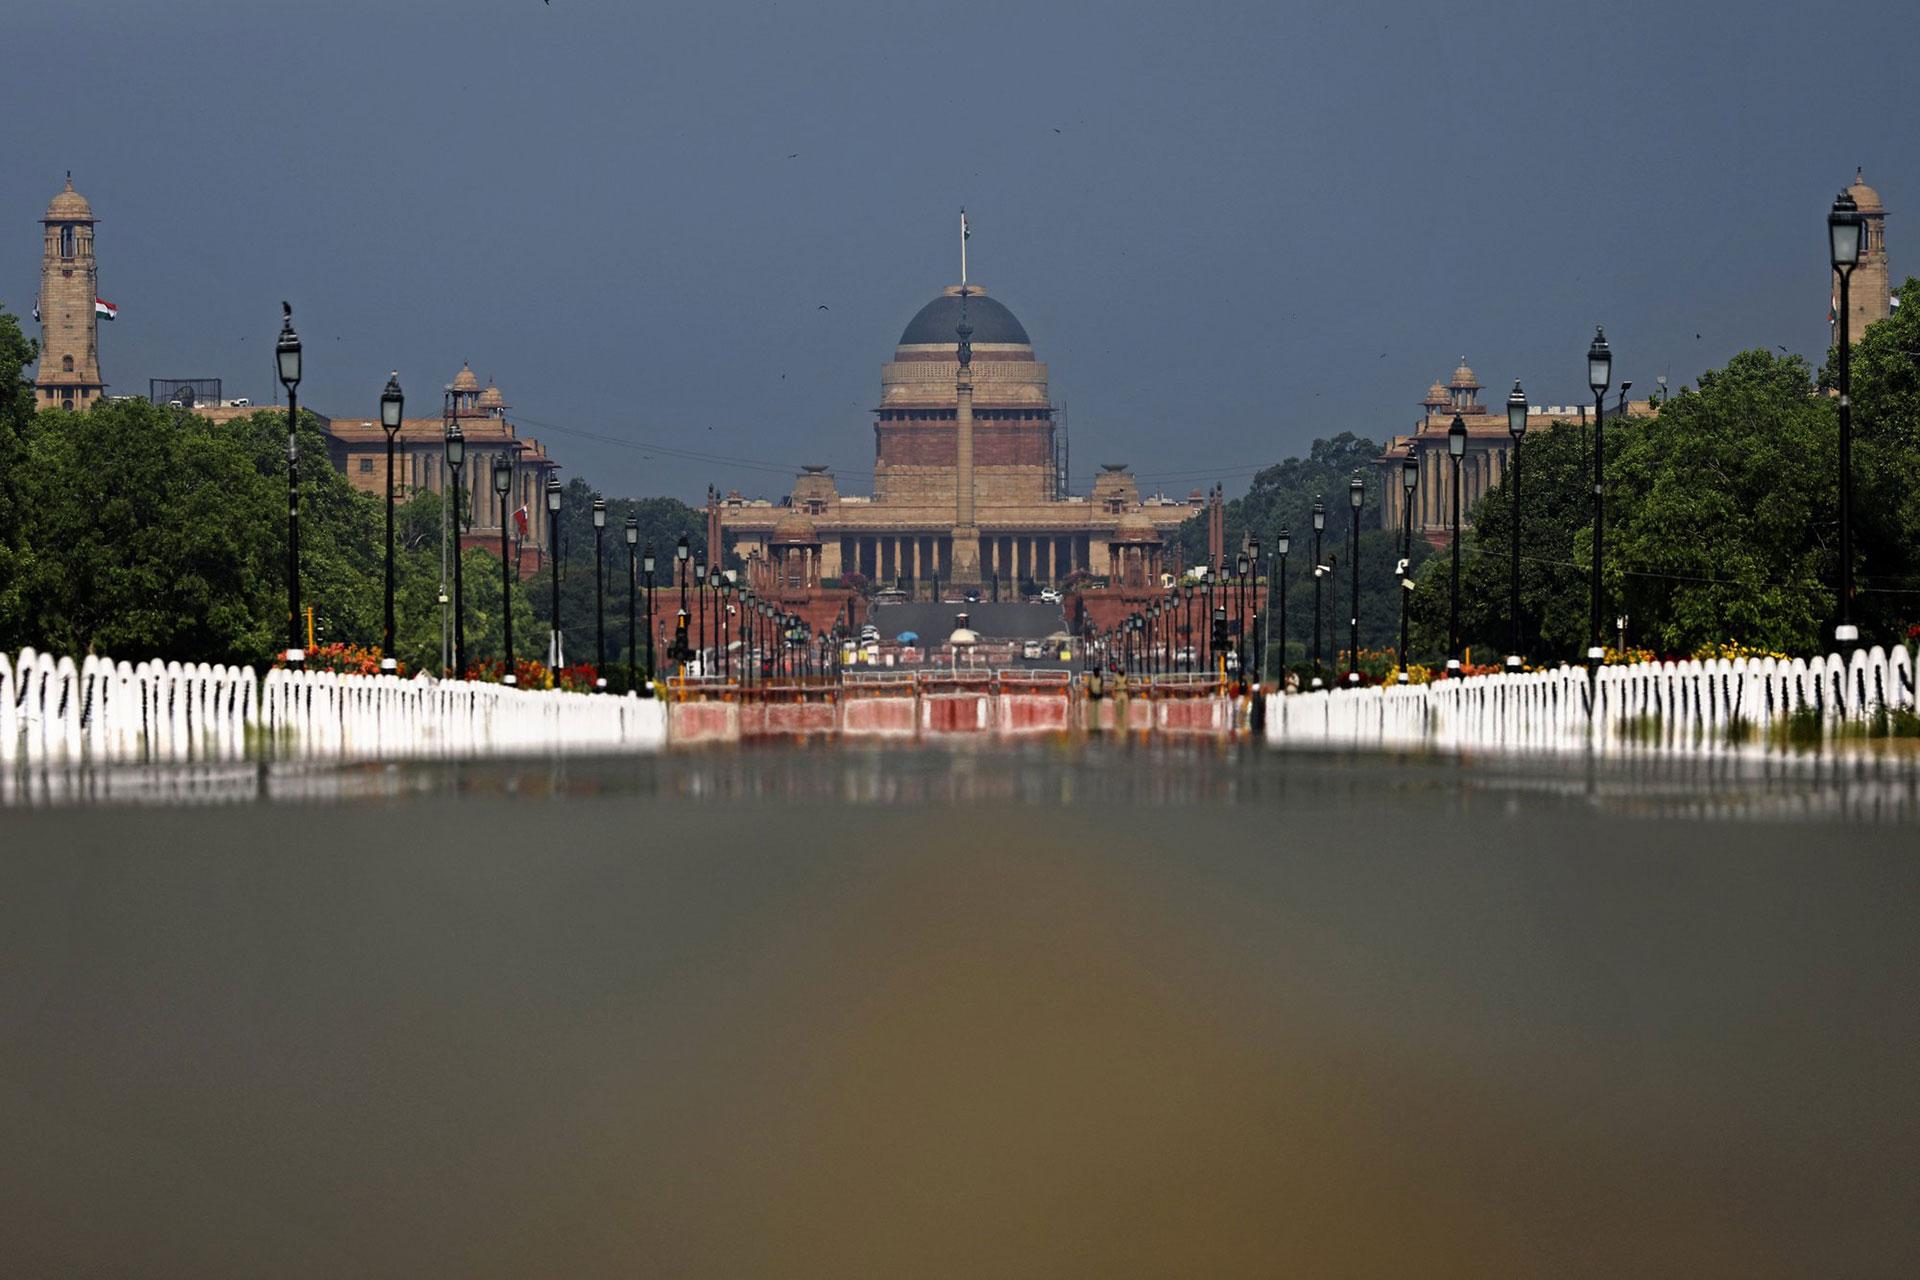 Rajpath, el bulevar ceremonial de la India, en Nueva Delhi, está desierto el 27 de abril de 2020. (Foto AP / Altaf Qadri)